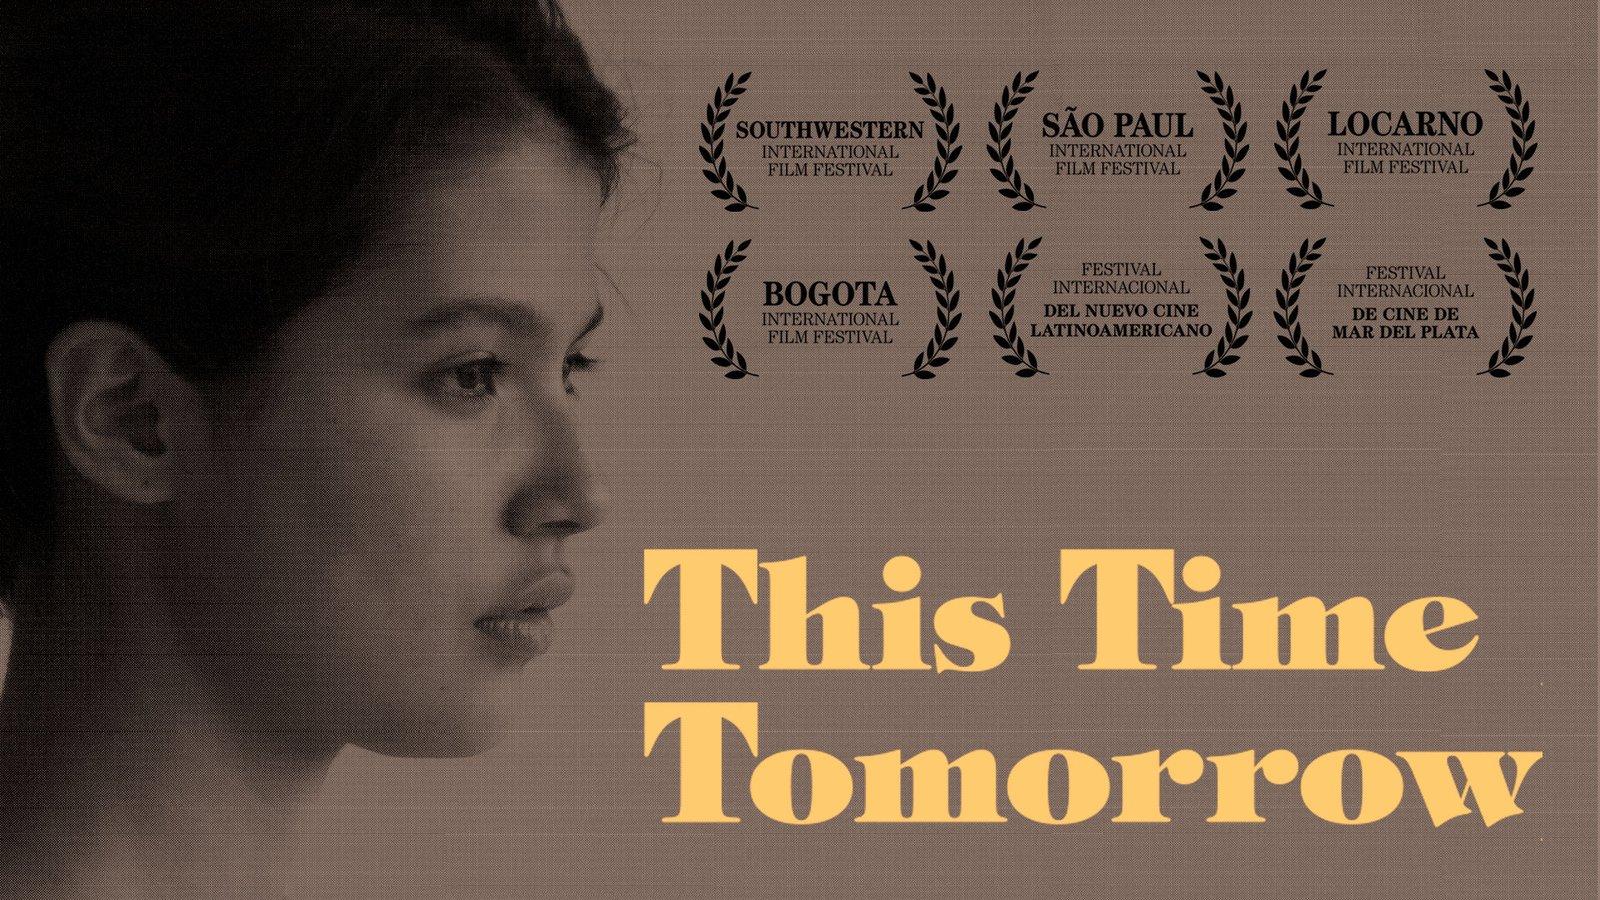 This Time Tomorrow - Mañana a esta hora